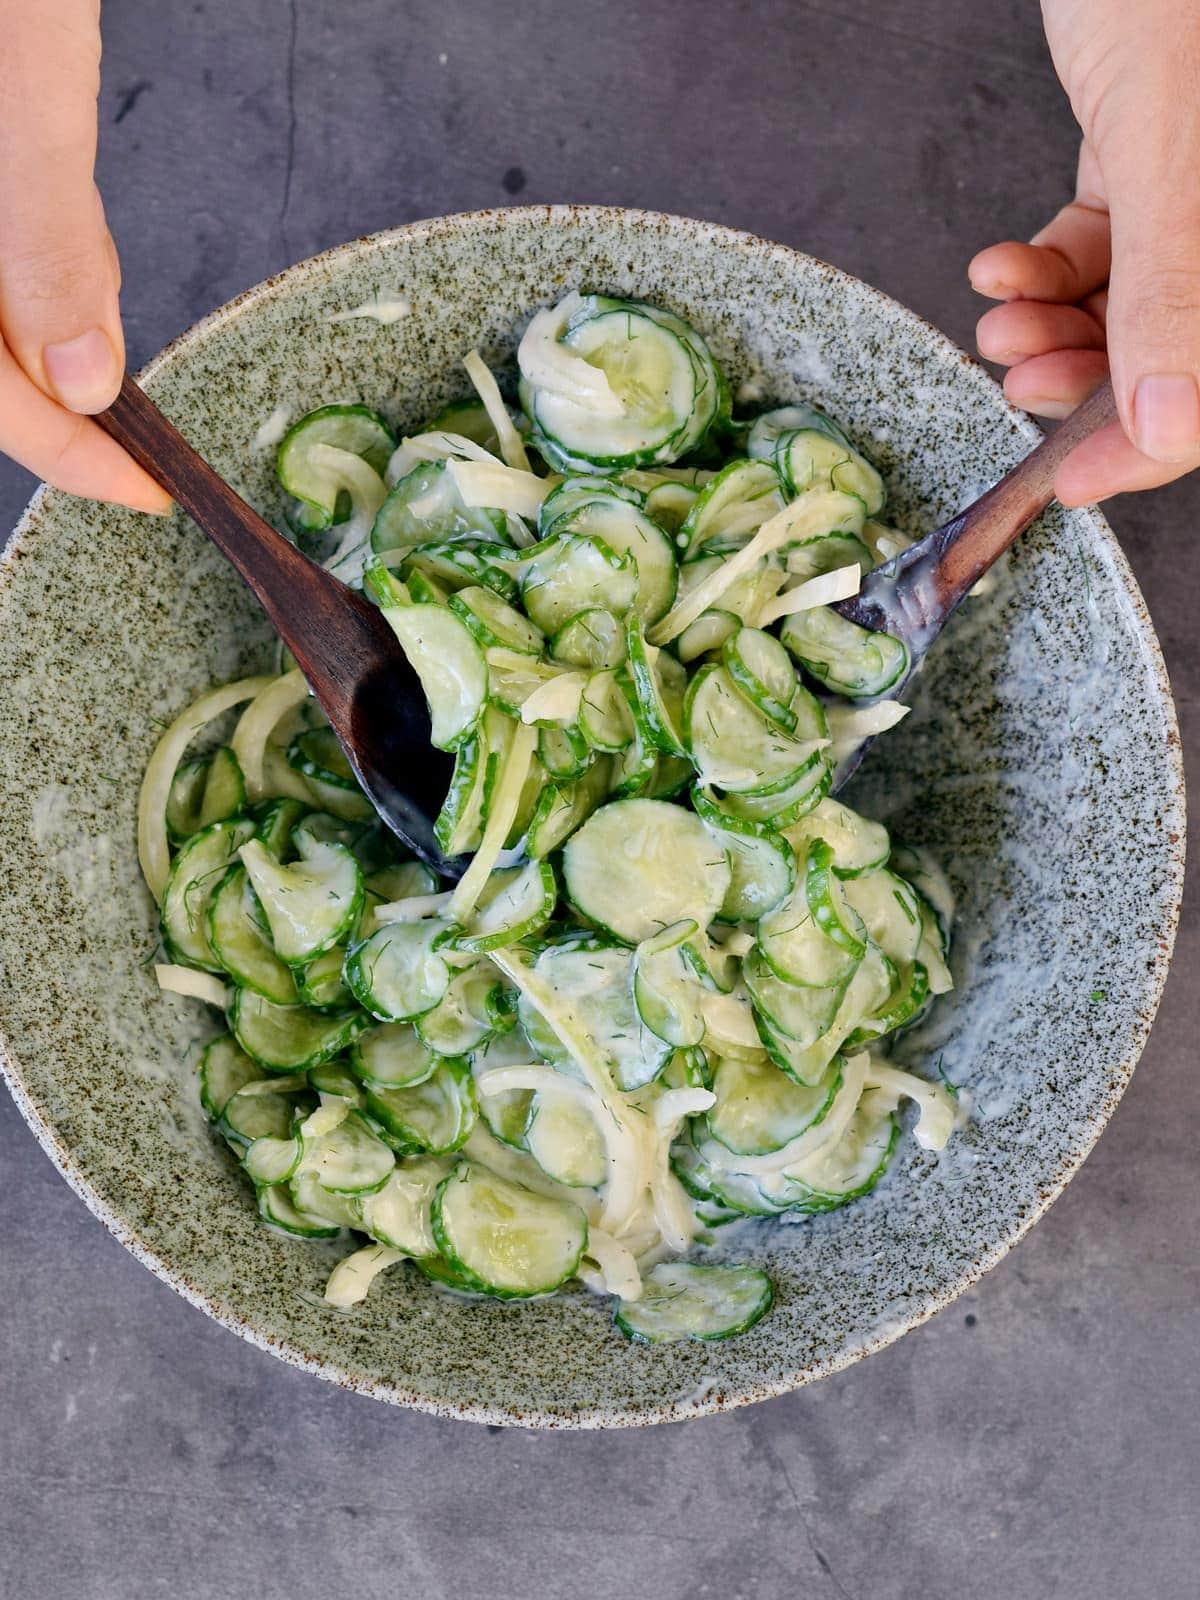 Salat mit Gurken wird mit zwei Löffeln in großer Schüssel verrührt